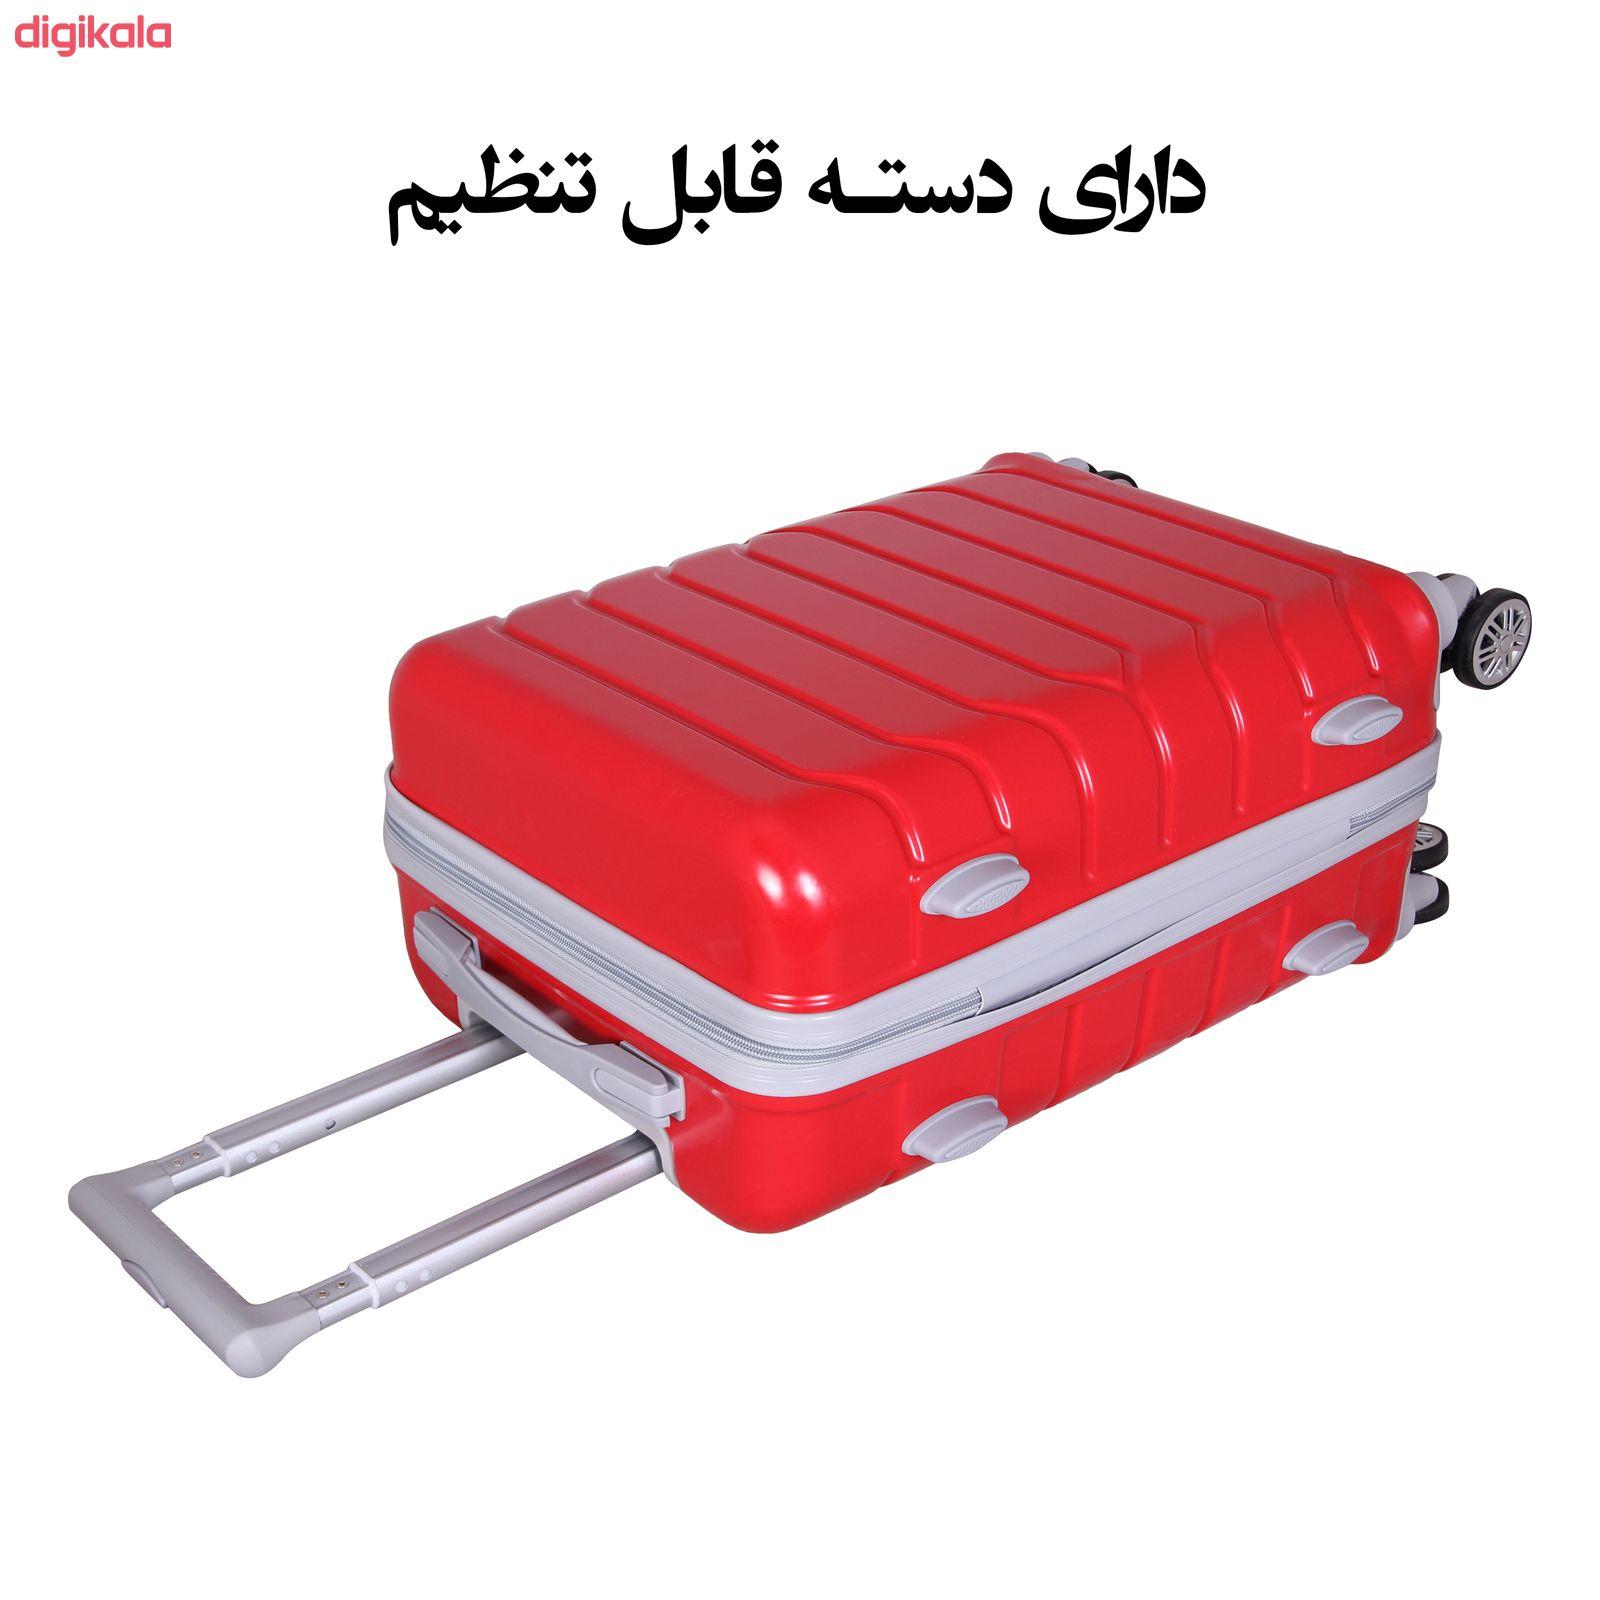 مجموعه سه عددی چمدان مدل 10021 main 1 27